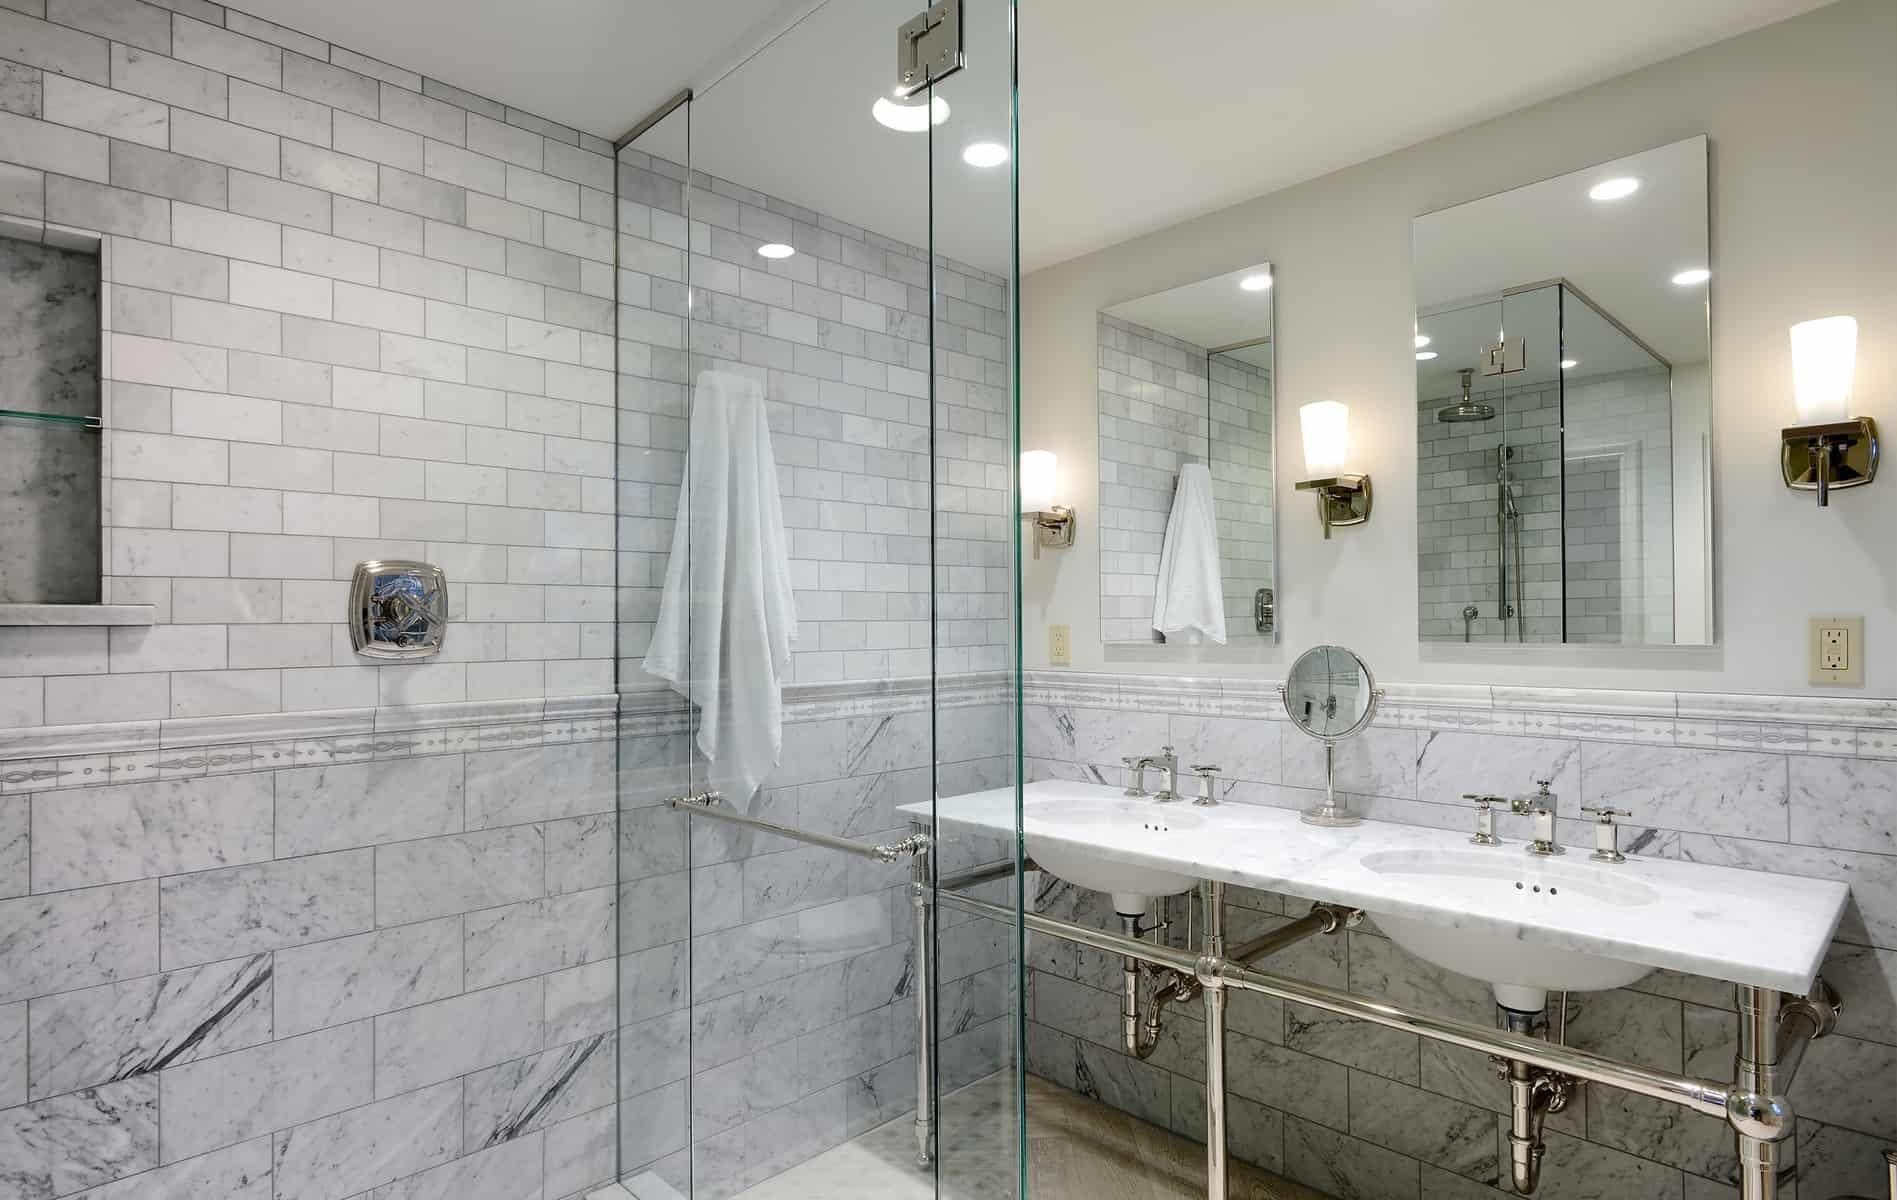 7 smart strategies for bathroom remodeling - biederman real